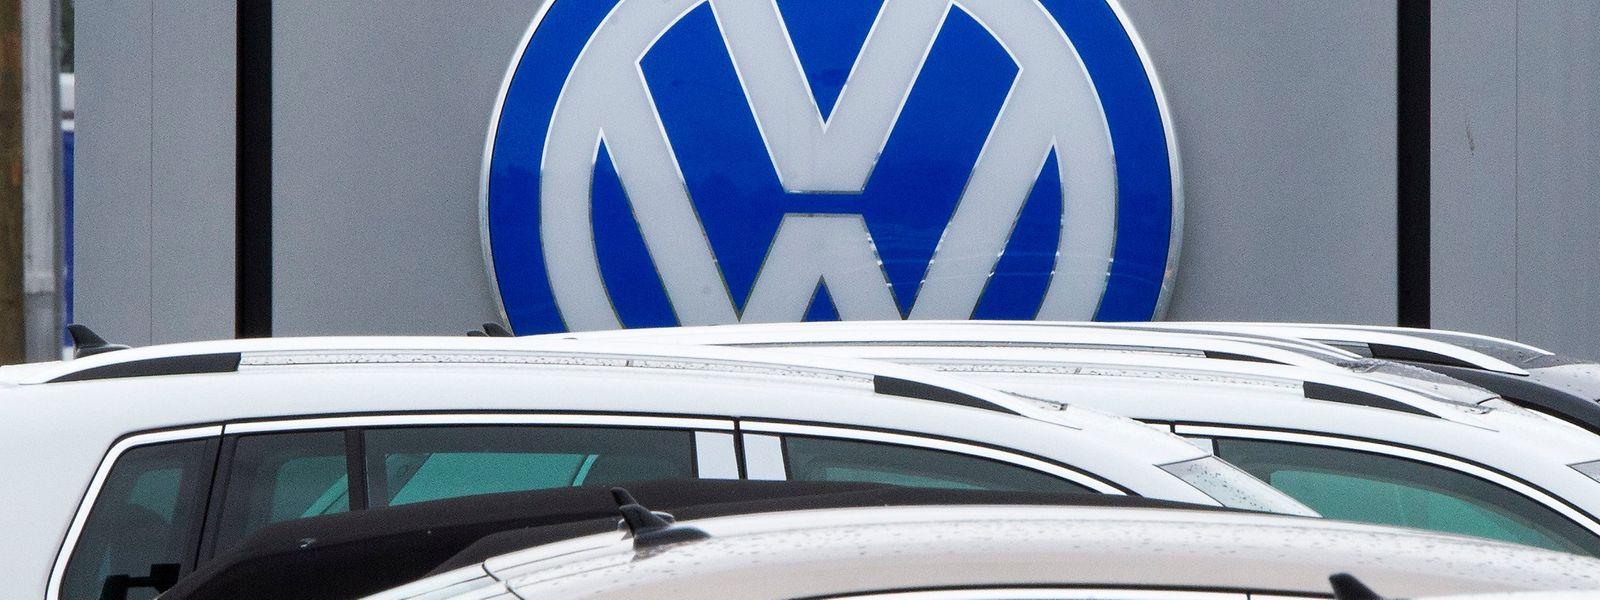 Es geht um rund 20.000 Autos, die in Kanada zugelassen sind.